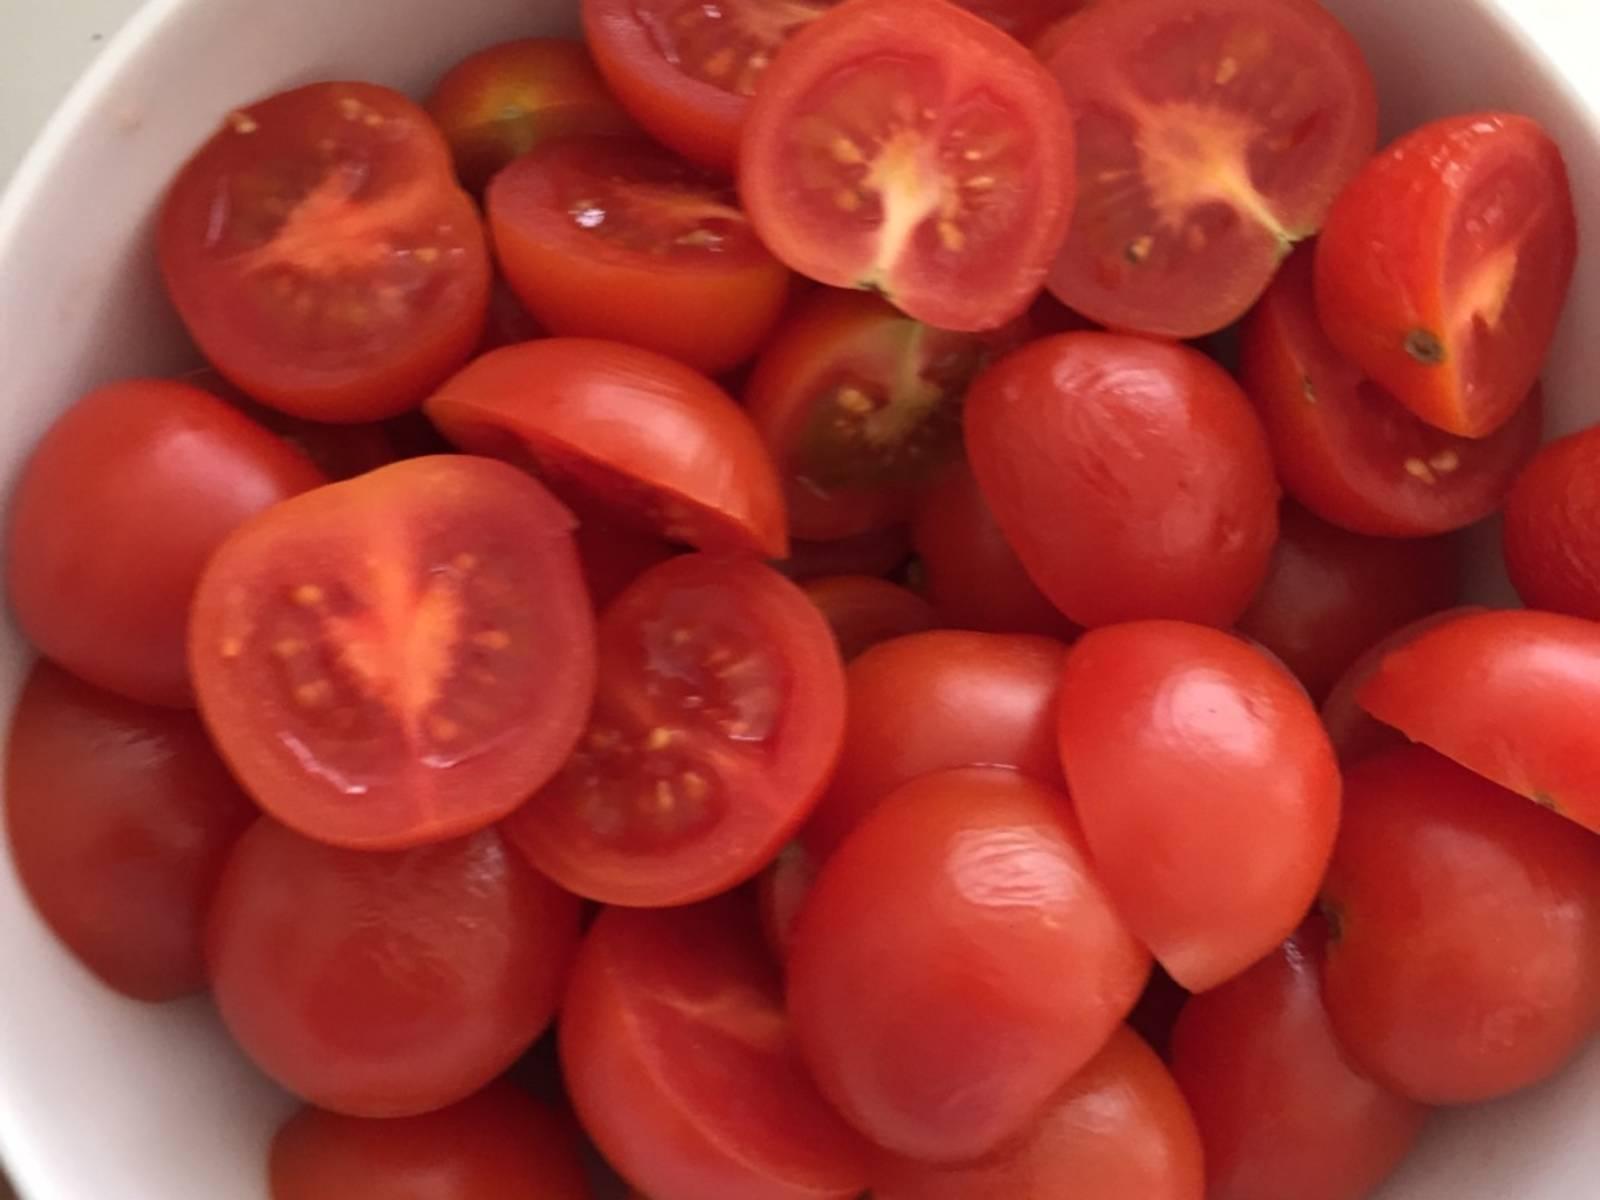 Dice salmon. Halve cherry tomatoes.